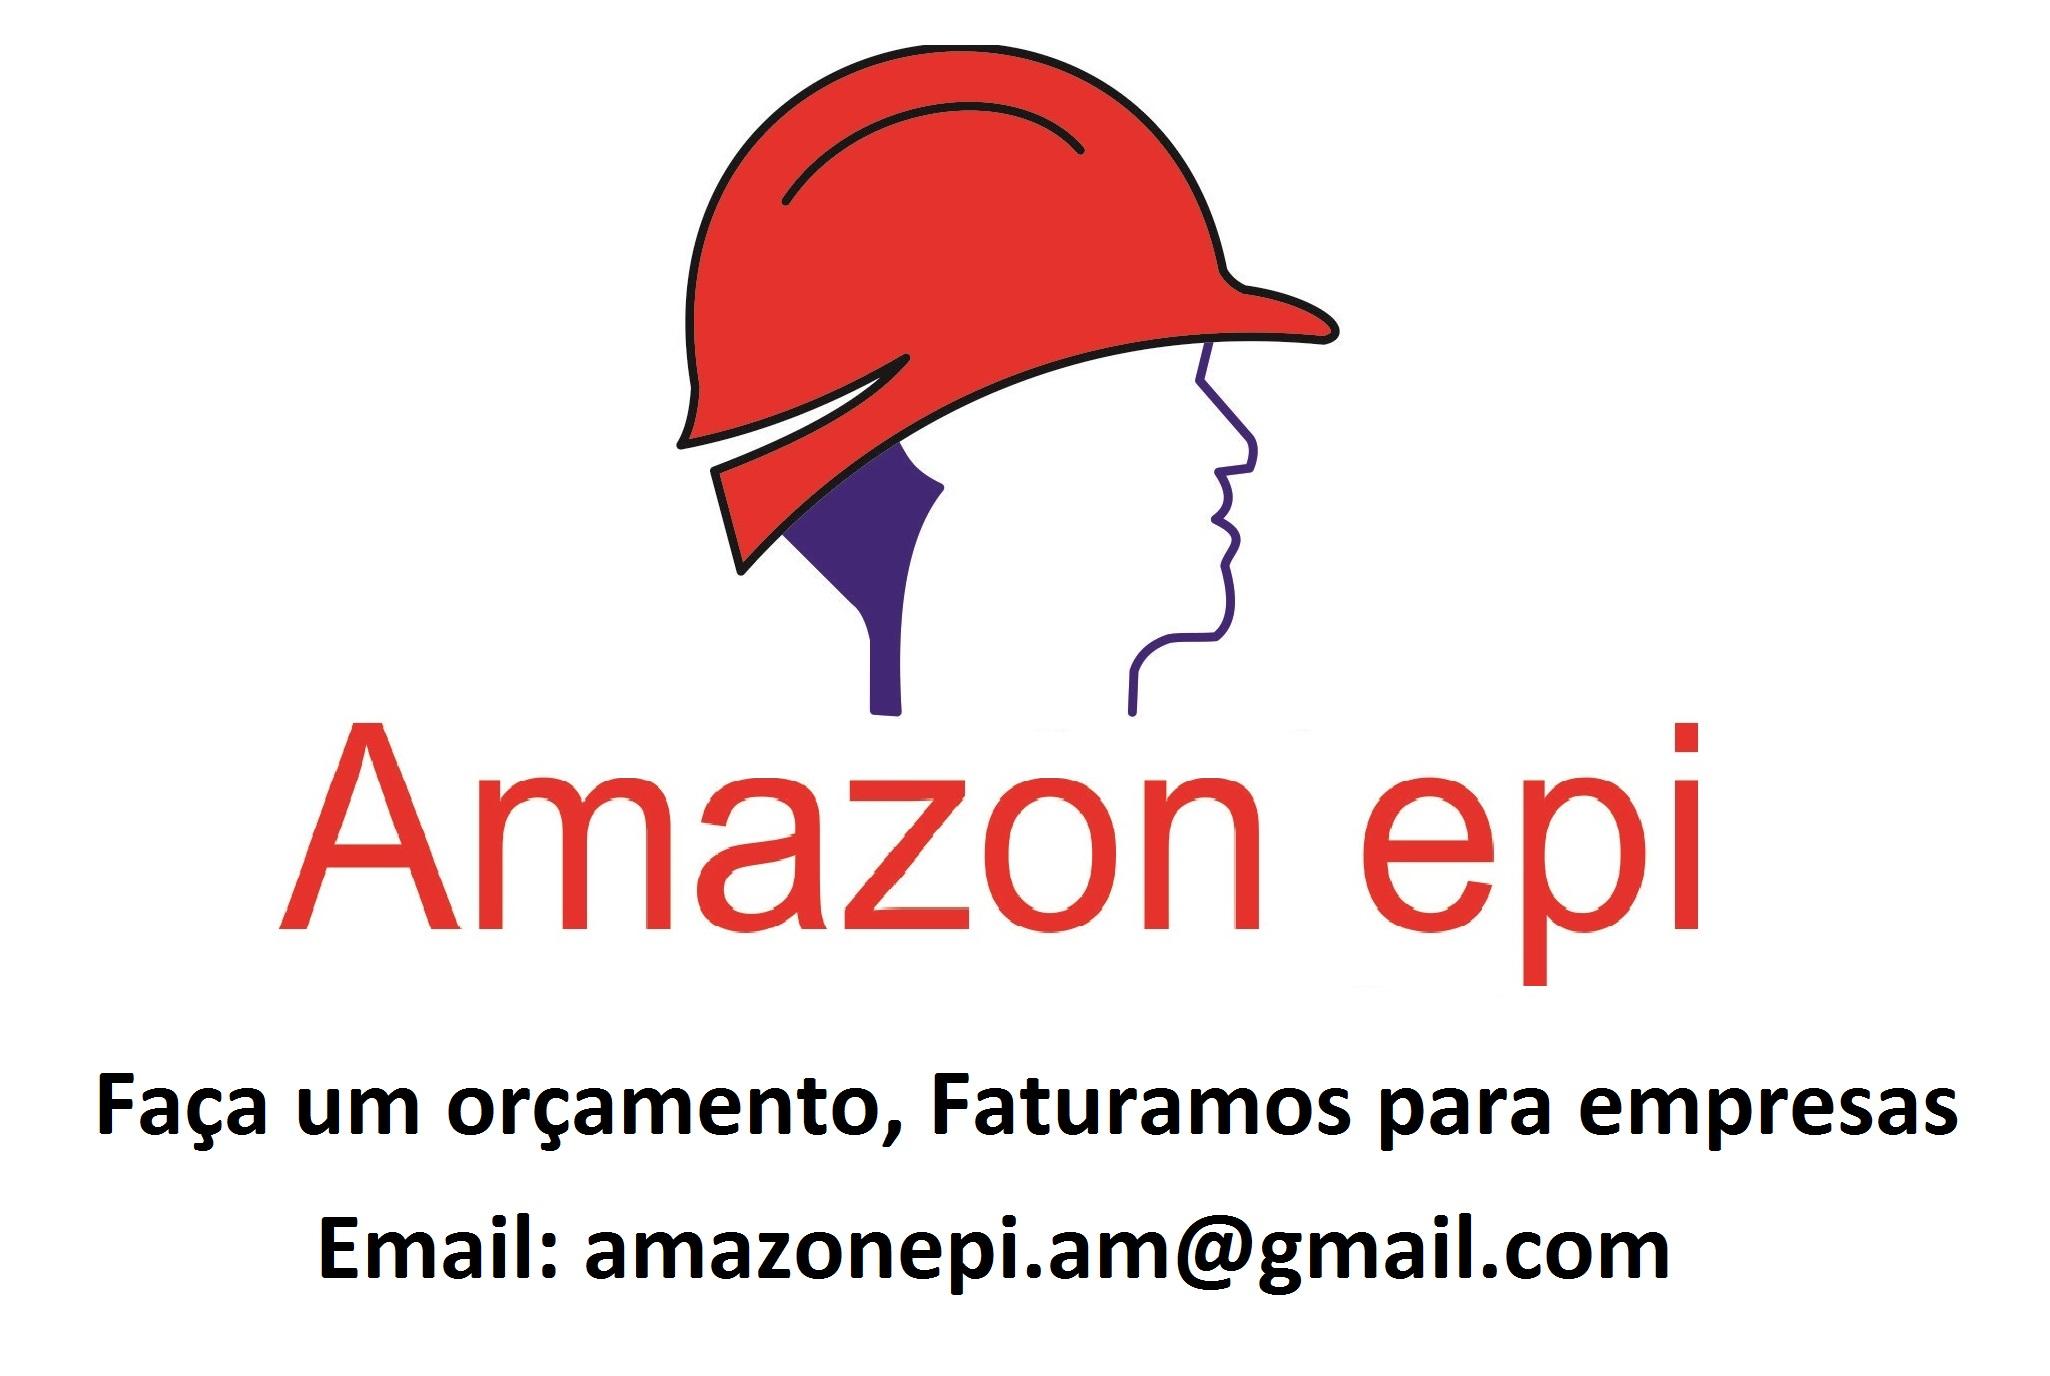 Amazon Epi. Equipamento De Proteção Individual Manaus, Epi Manaus, Botas de Segurança Em Manaus, Equipamento segurança manaus, Lojas De Epi, luva, óculos, avental, Ferramentas manaus, bracol, solda